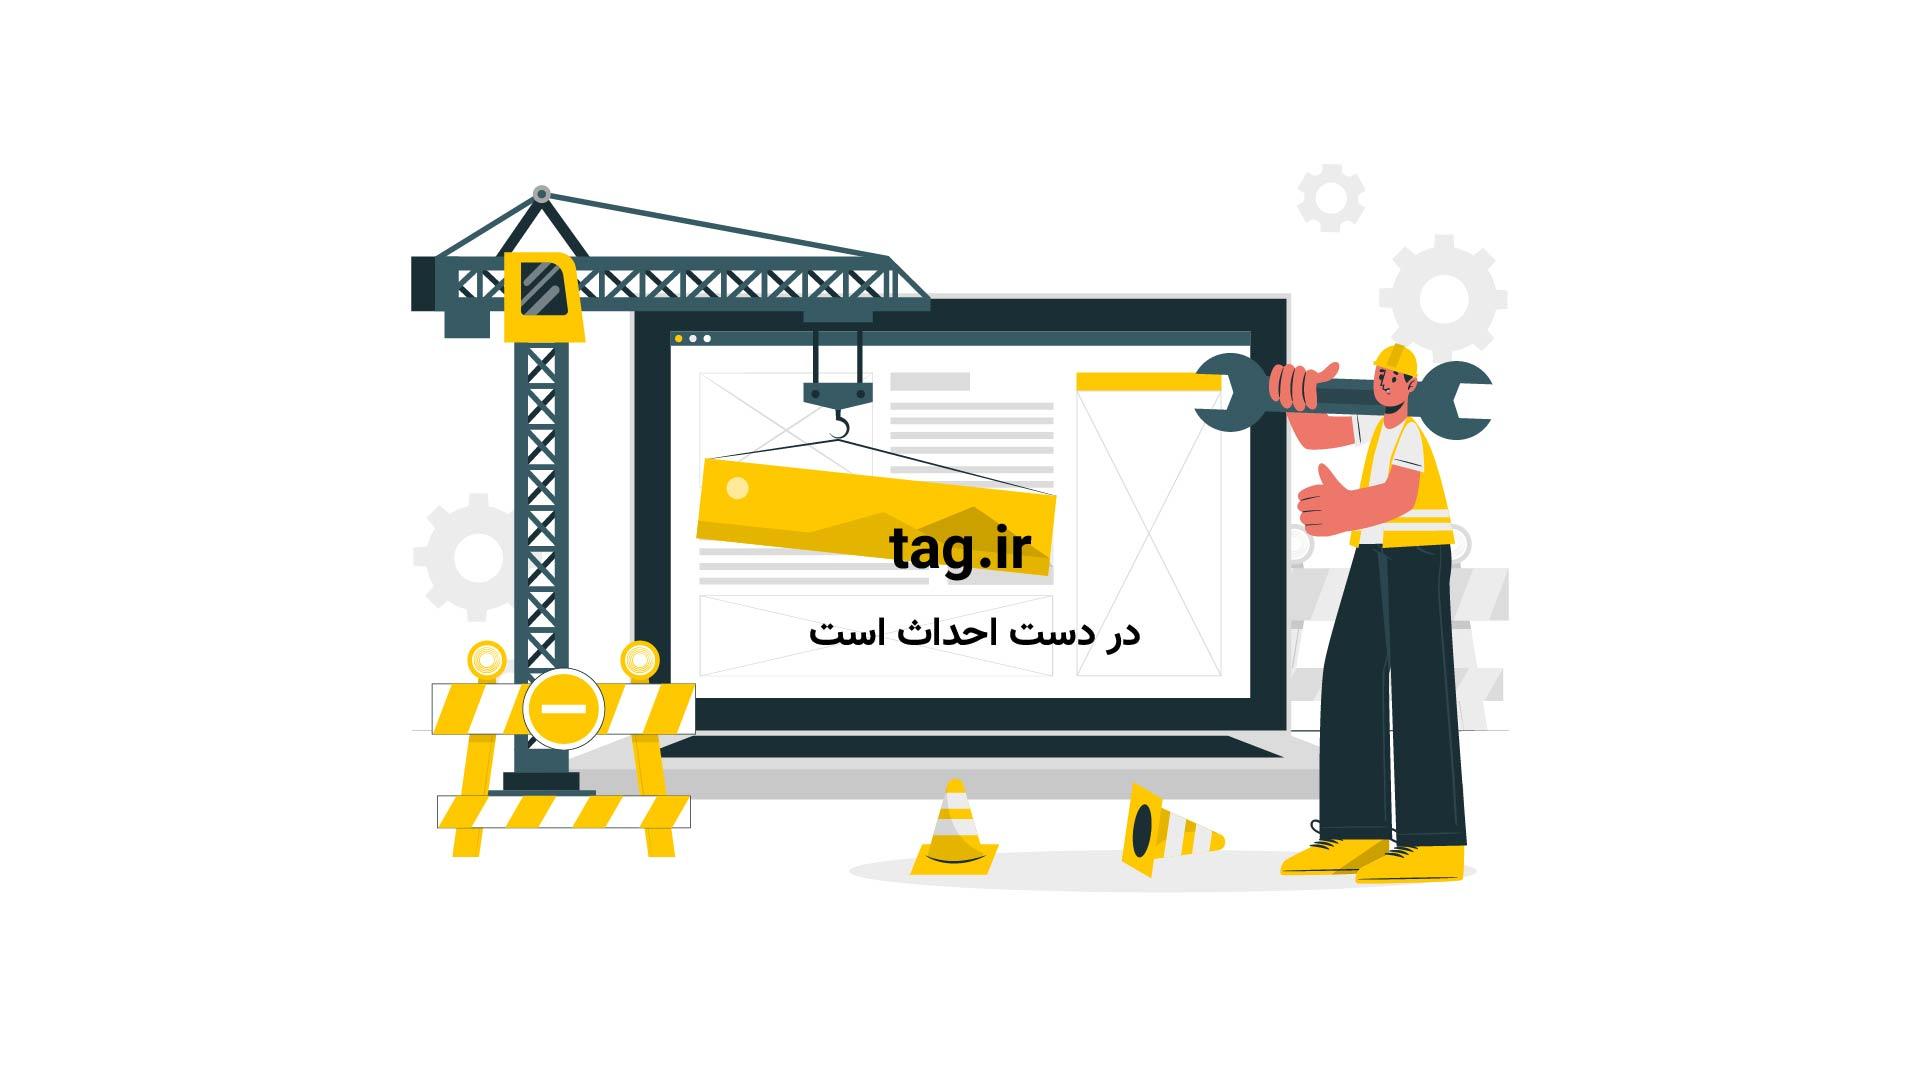 نقاشی سه بعدی اسکناس 200 یورویی | تگ